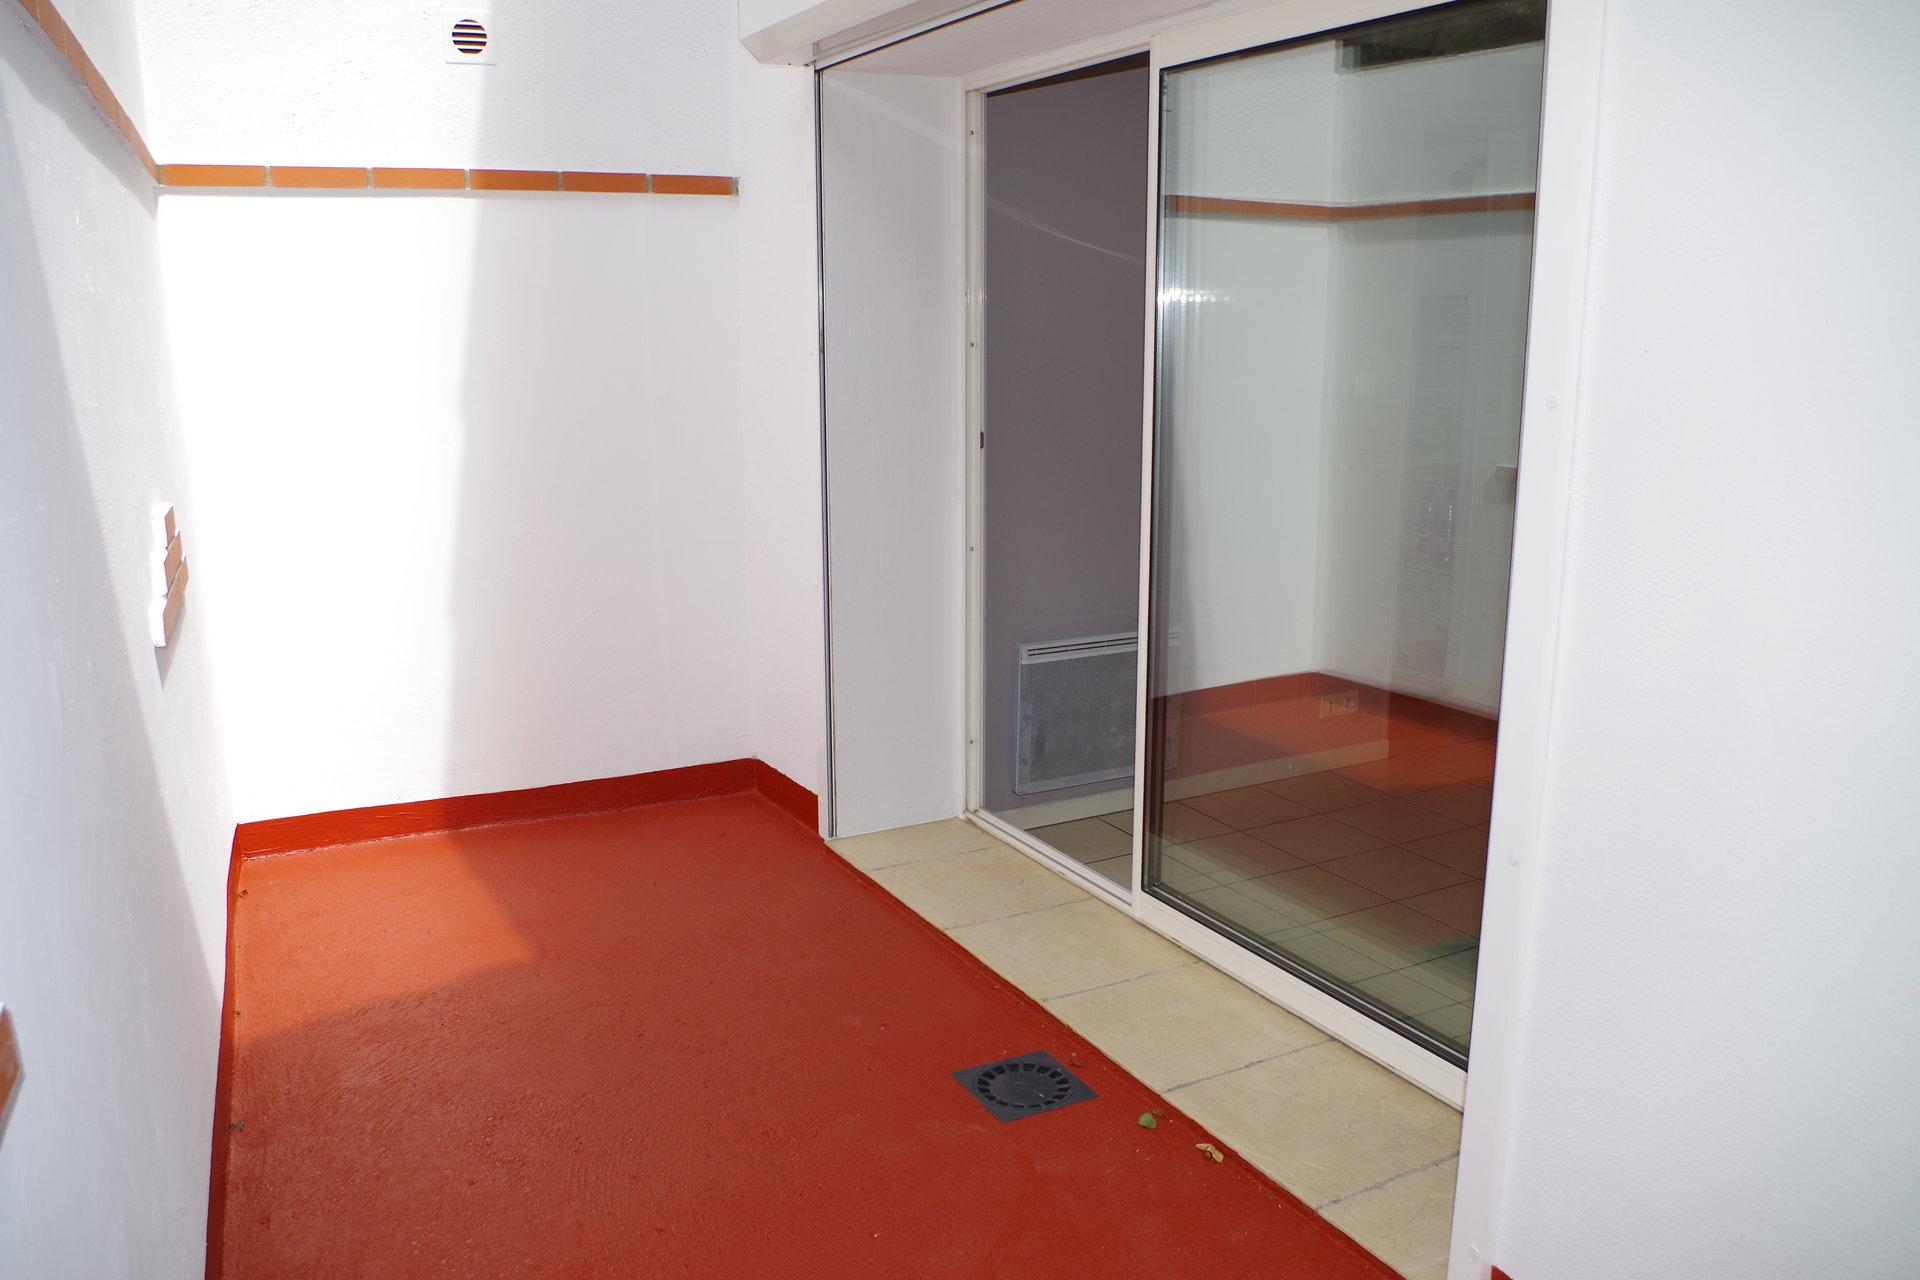 Appartement T4 - 70 m² - PIBRAC CENTRE